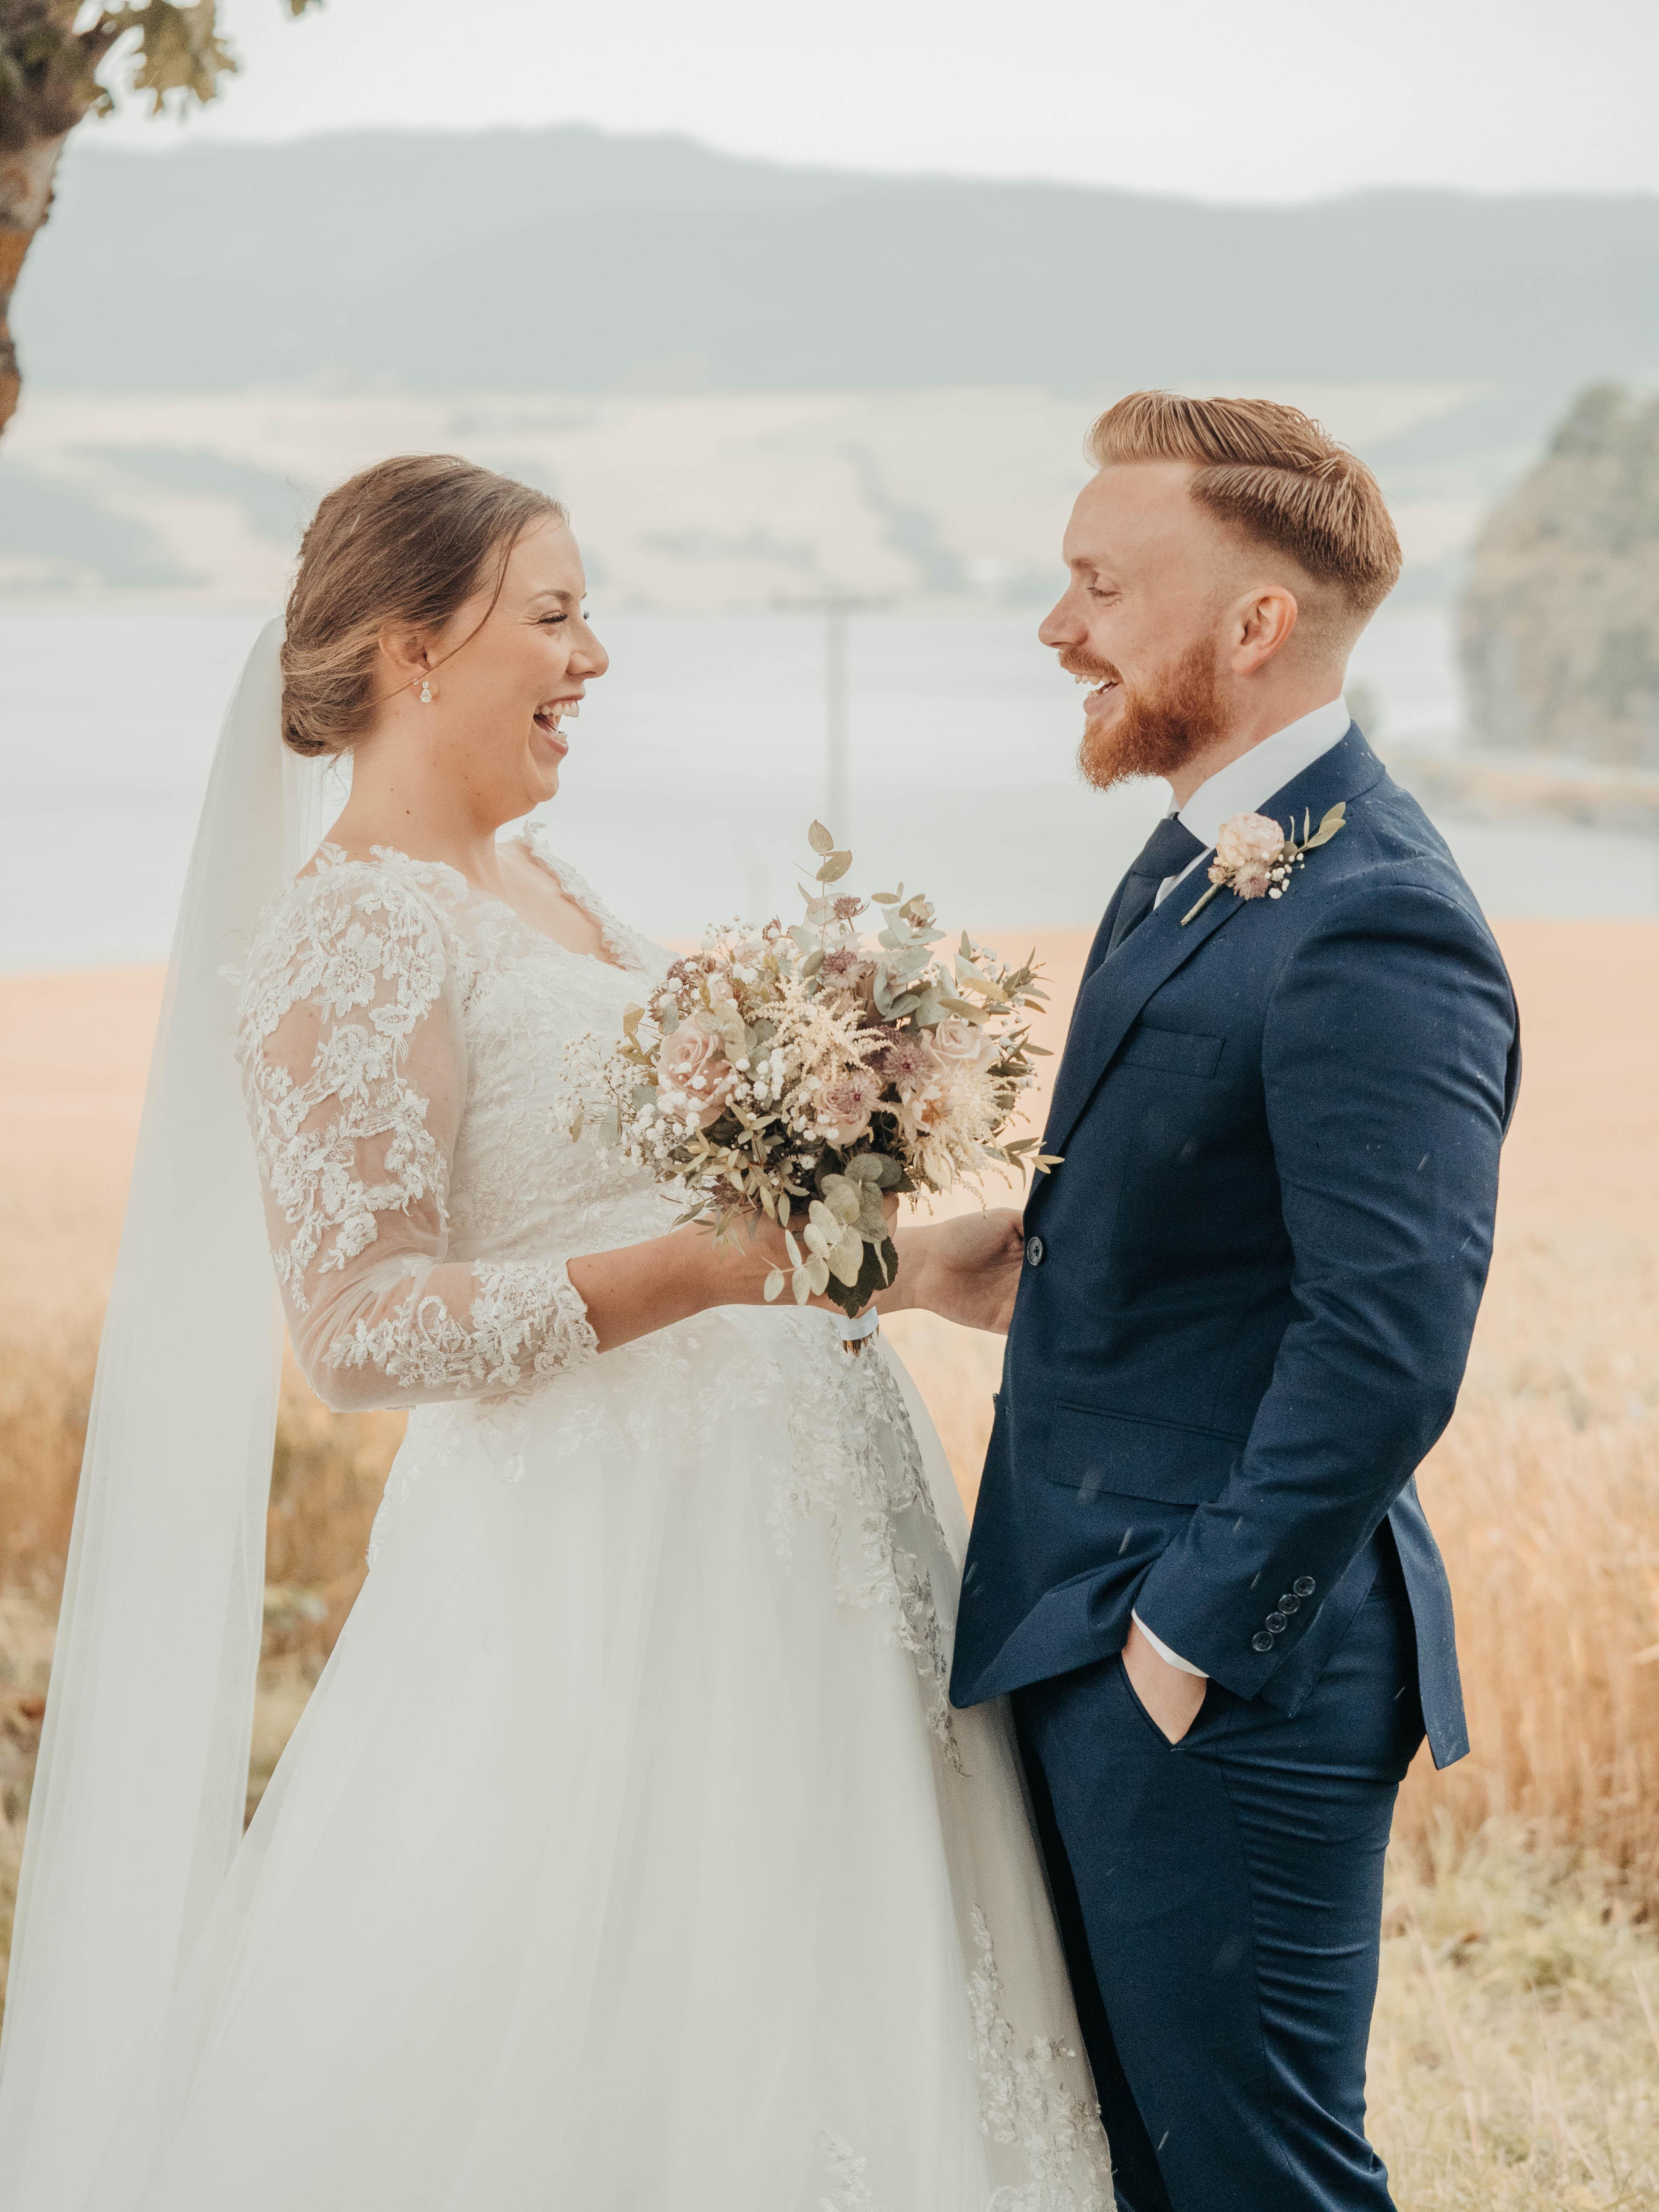 Image of married couple wedding